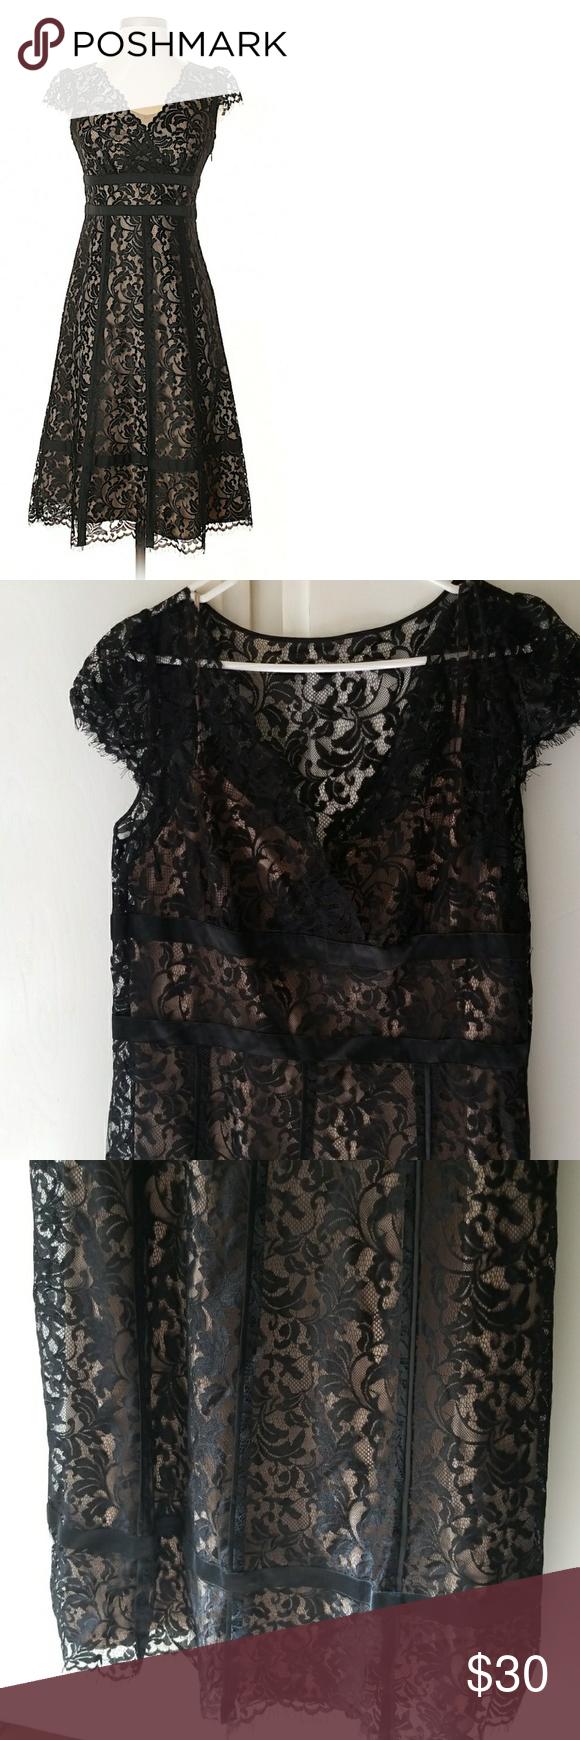 1bcc9ce031 Ann Taylor Loft Black Lace Dress - Plus Size! This is a beautiful Ann Taylor